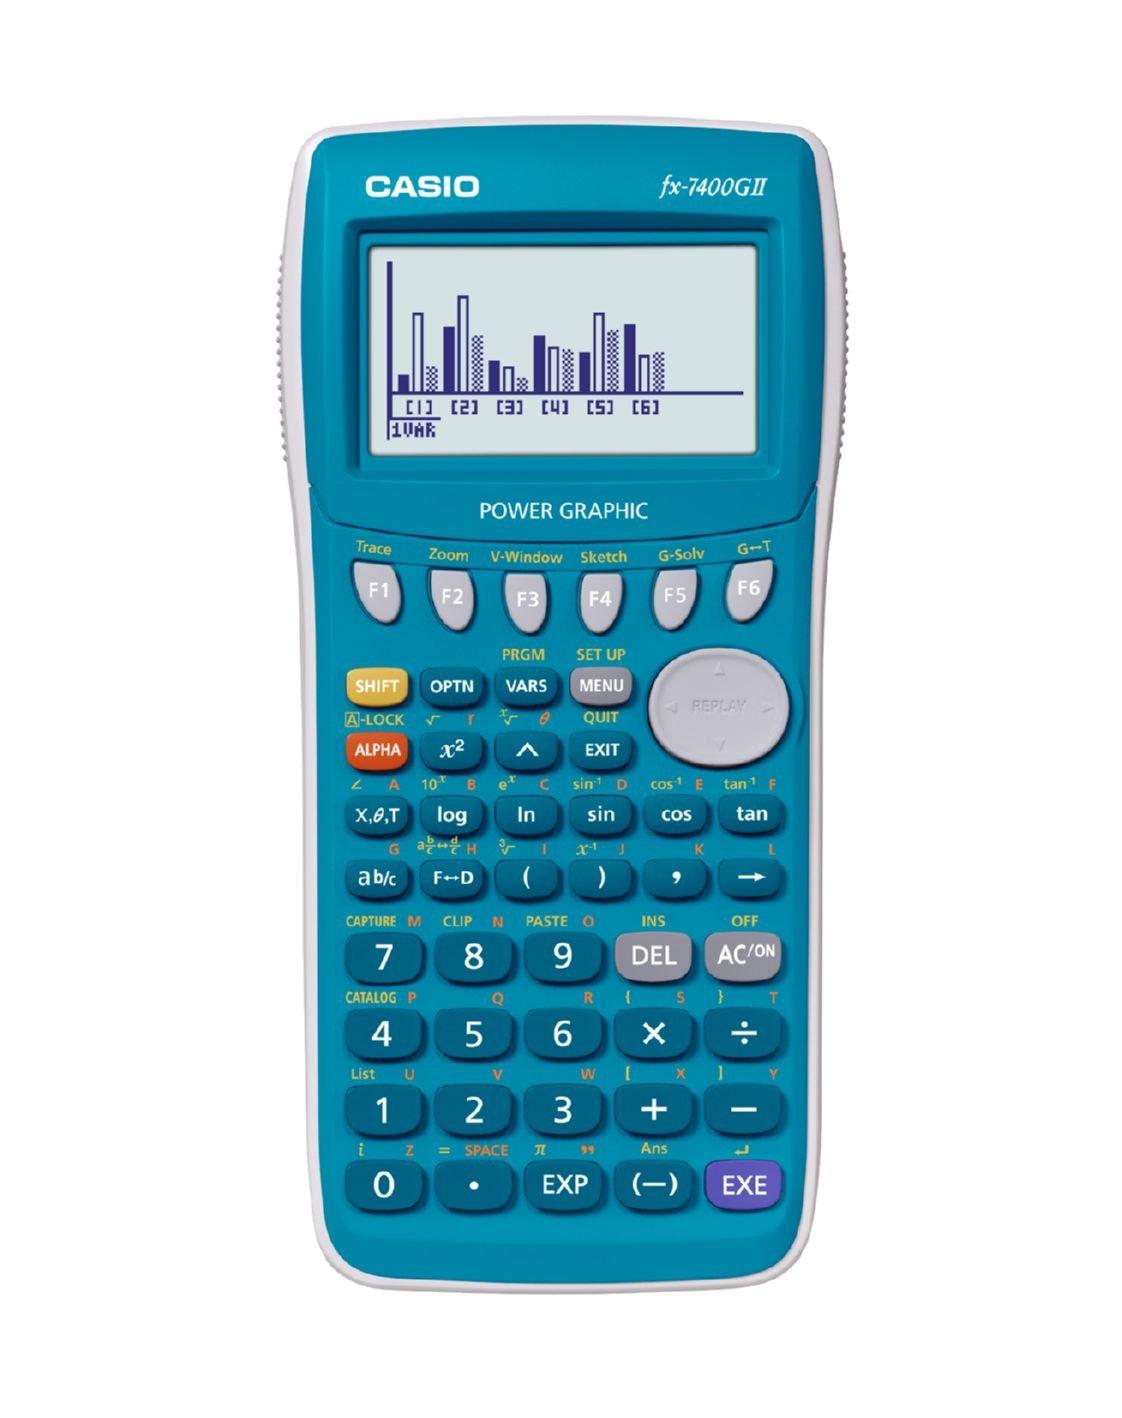 Casio FX-7400GII Tasca Calcolatrice finanziaria Grigio calcolatrice